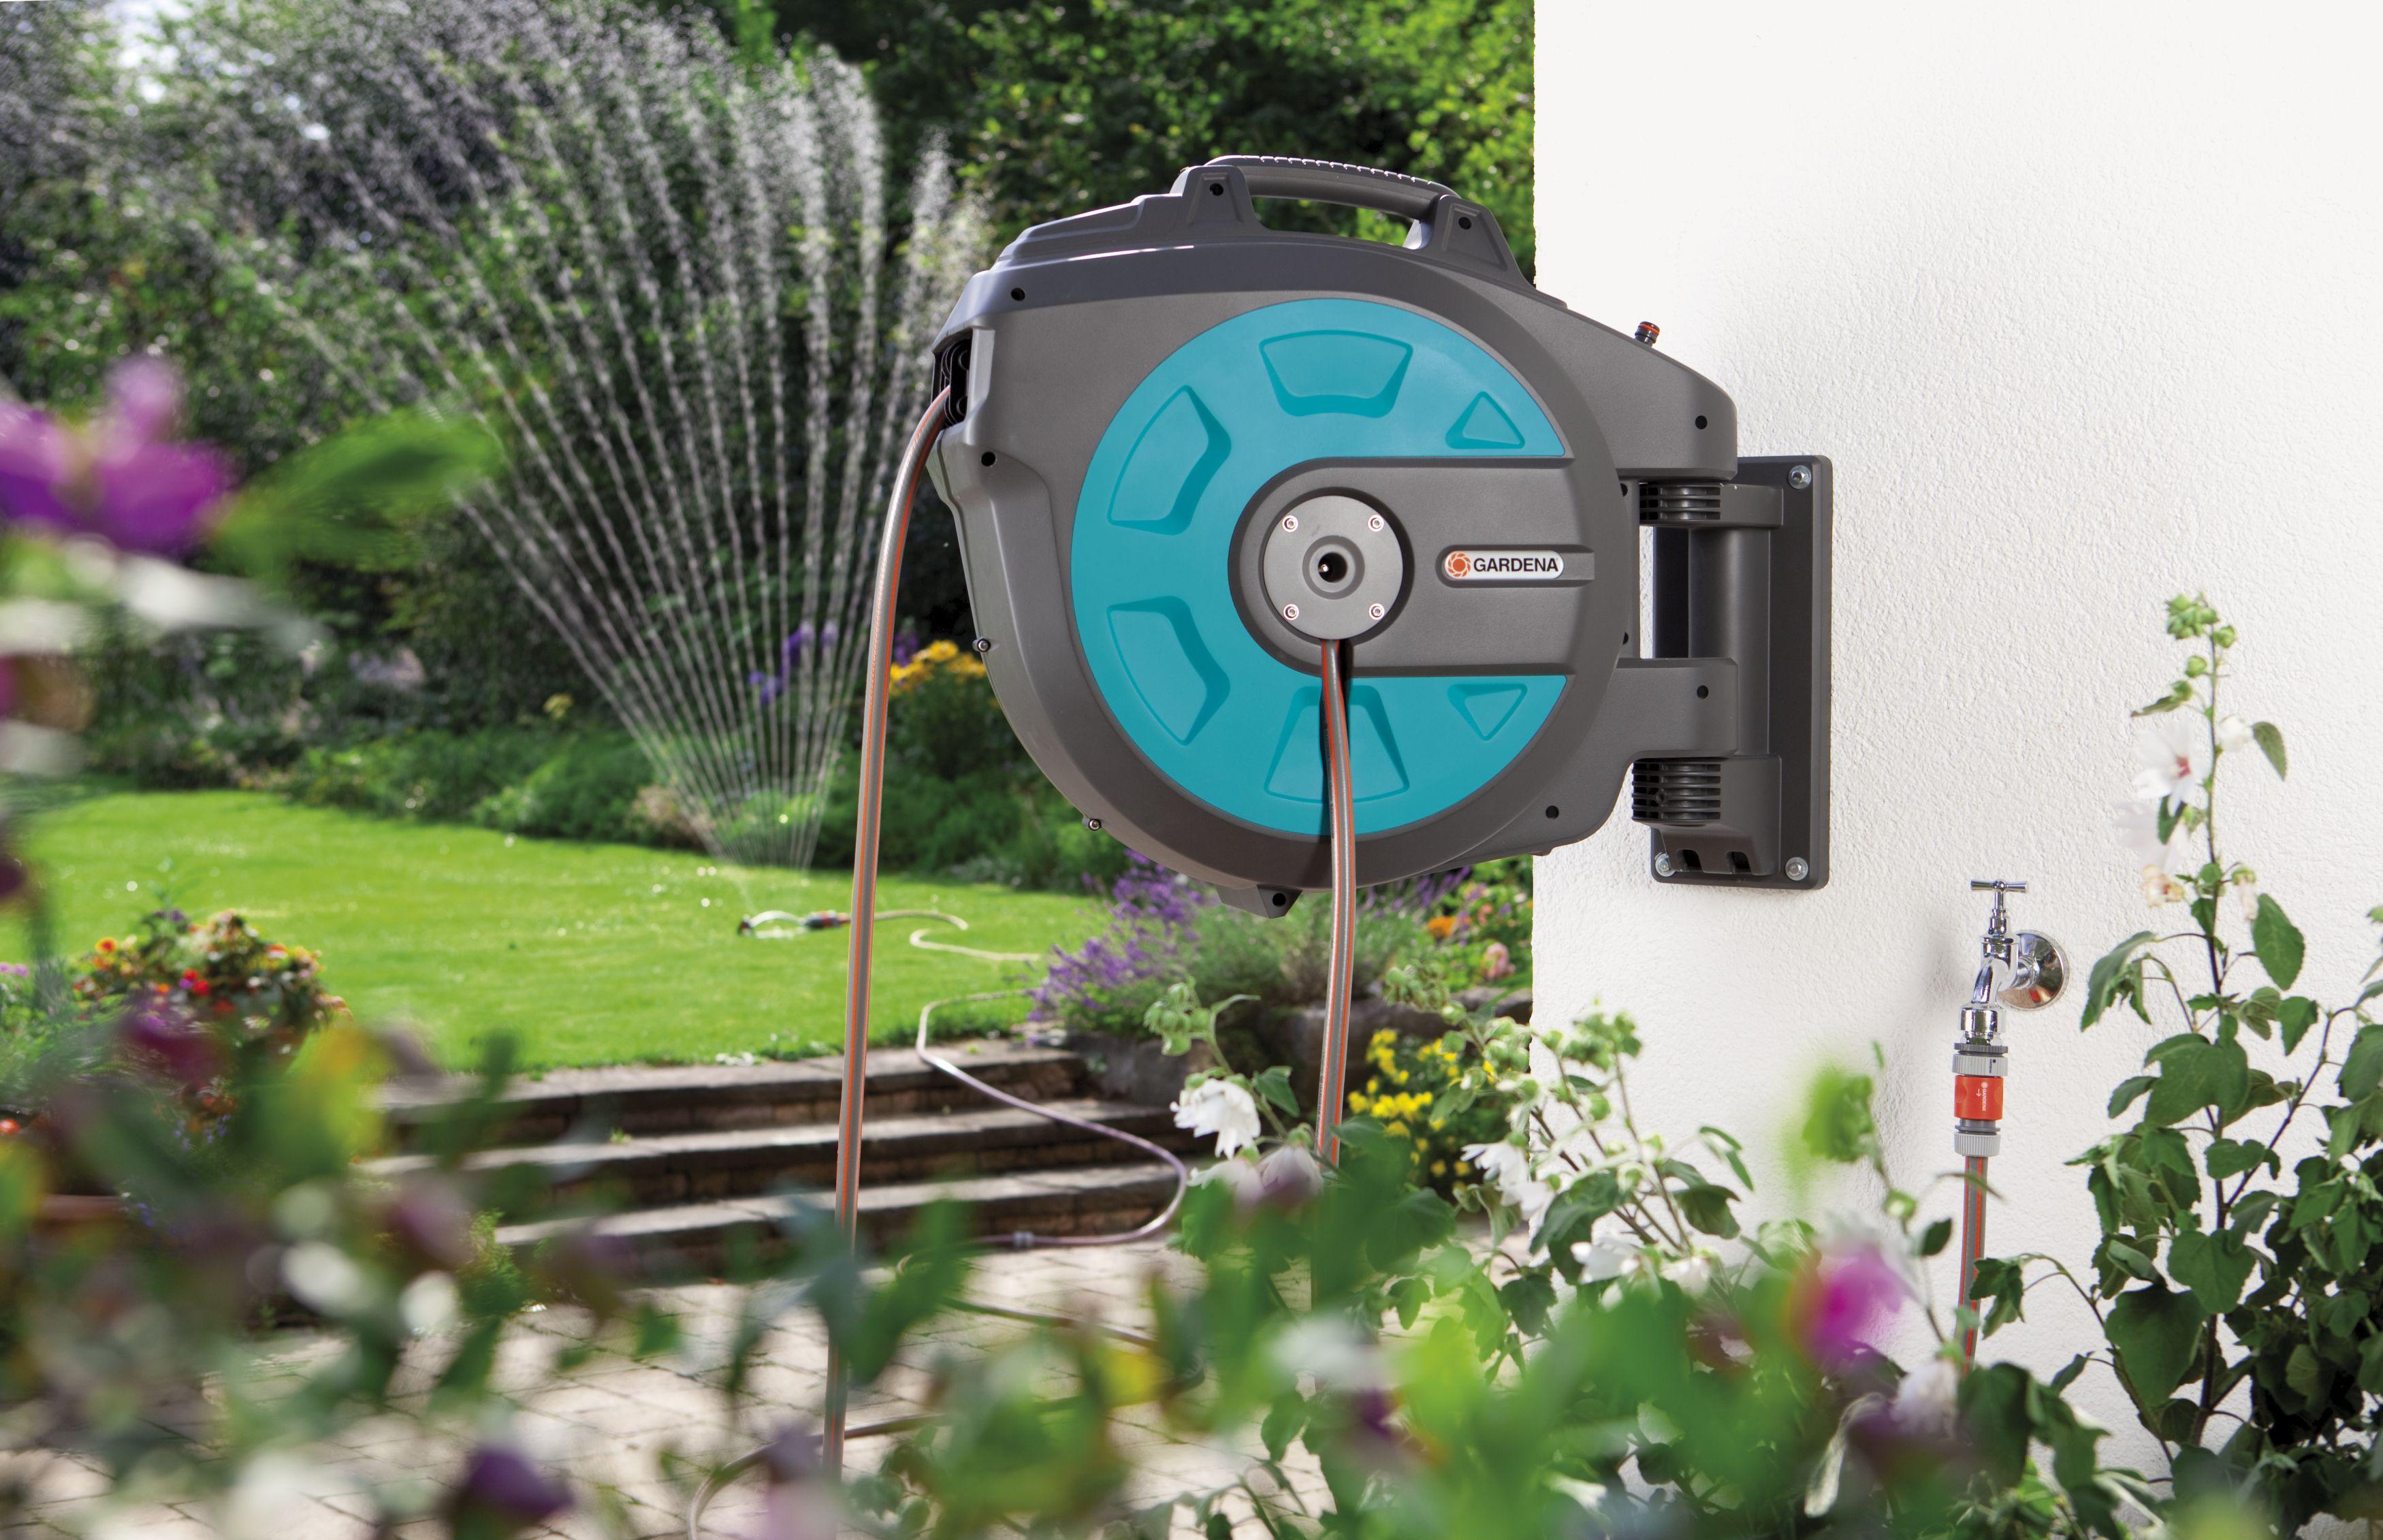 gardena wand schlauchbox 35 roll up automatic li zubeh r bew sserungstechnik garten. Black Bedroom Furniture Sets. Home Design Ideas